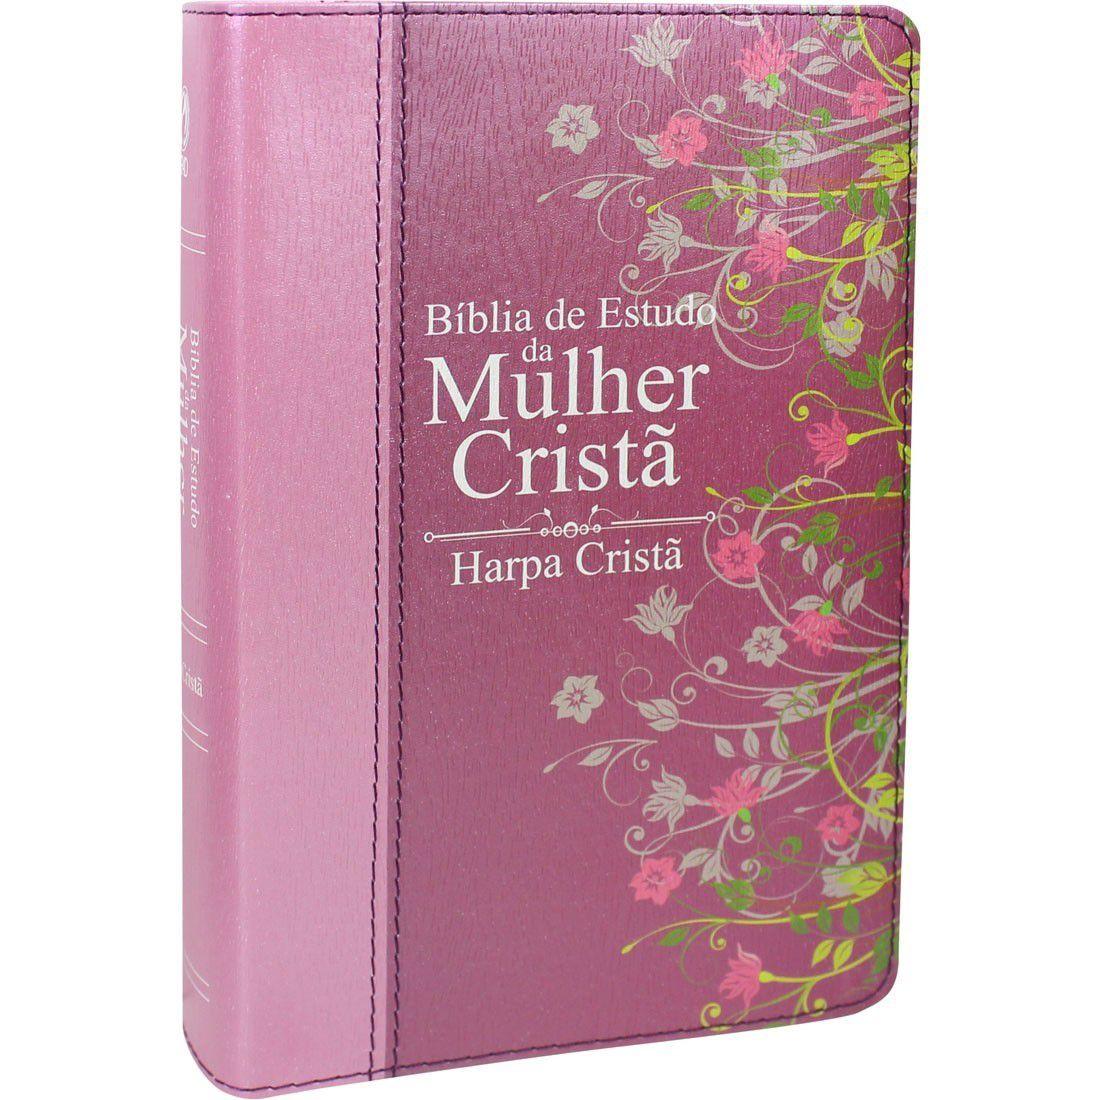 Bíblia de Estudo da Mulher Cristã Média C/ Harpa